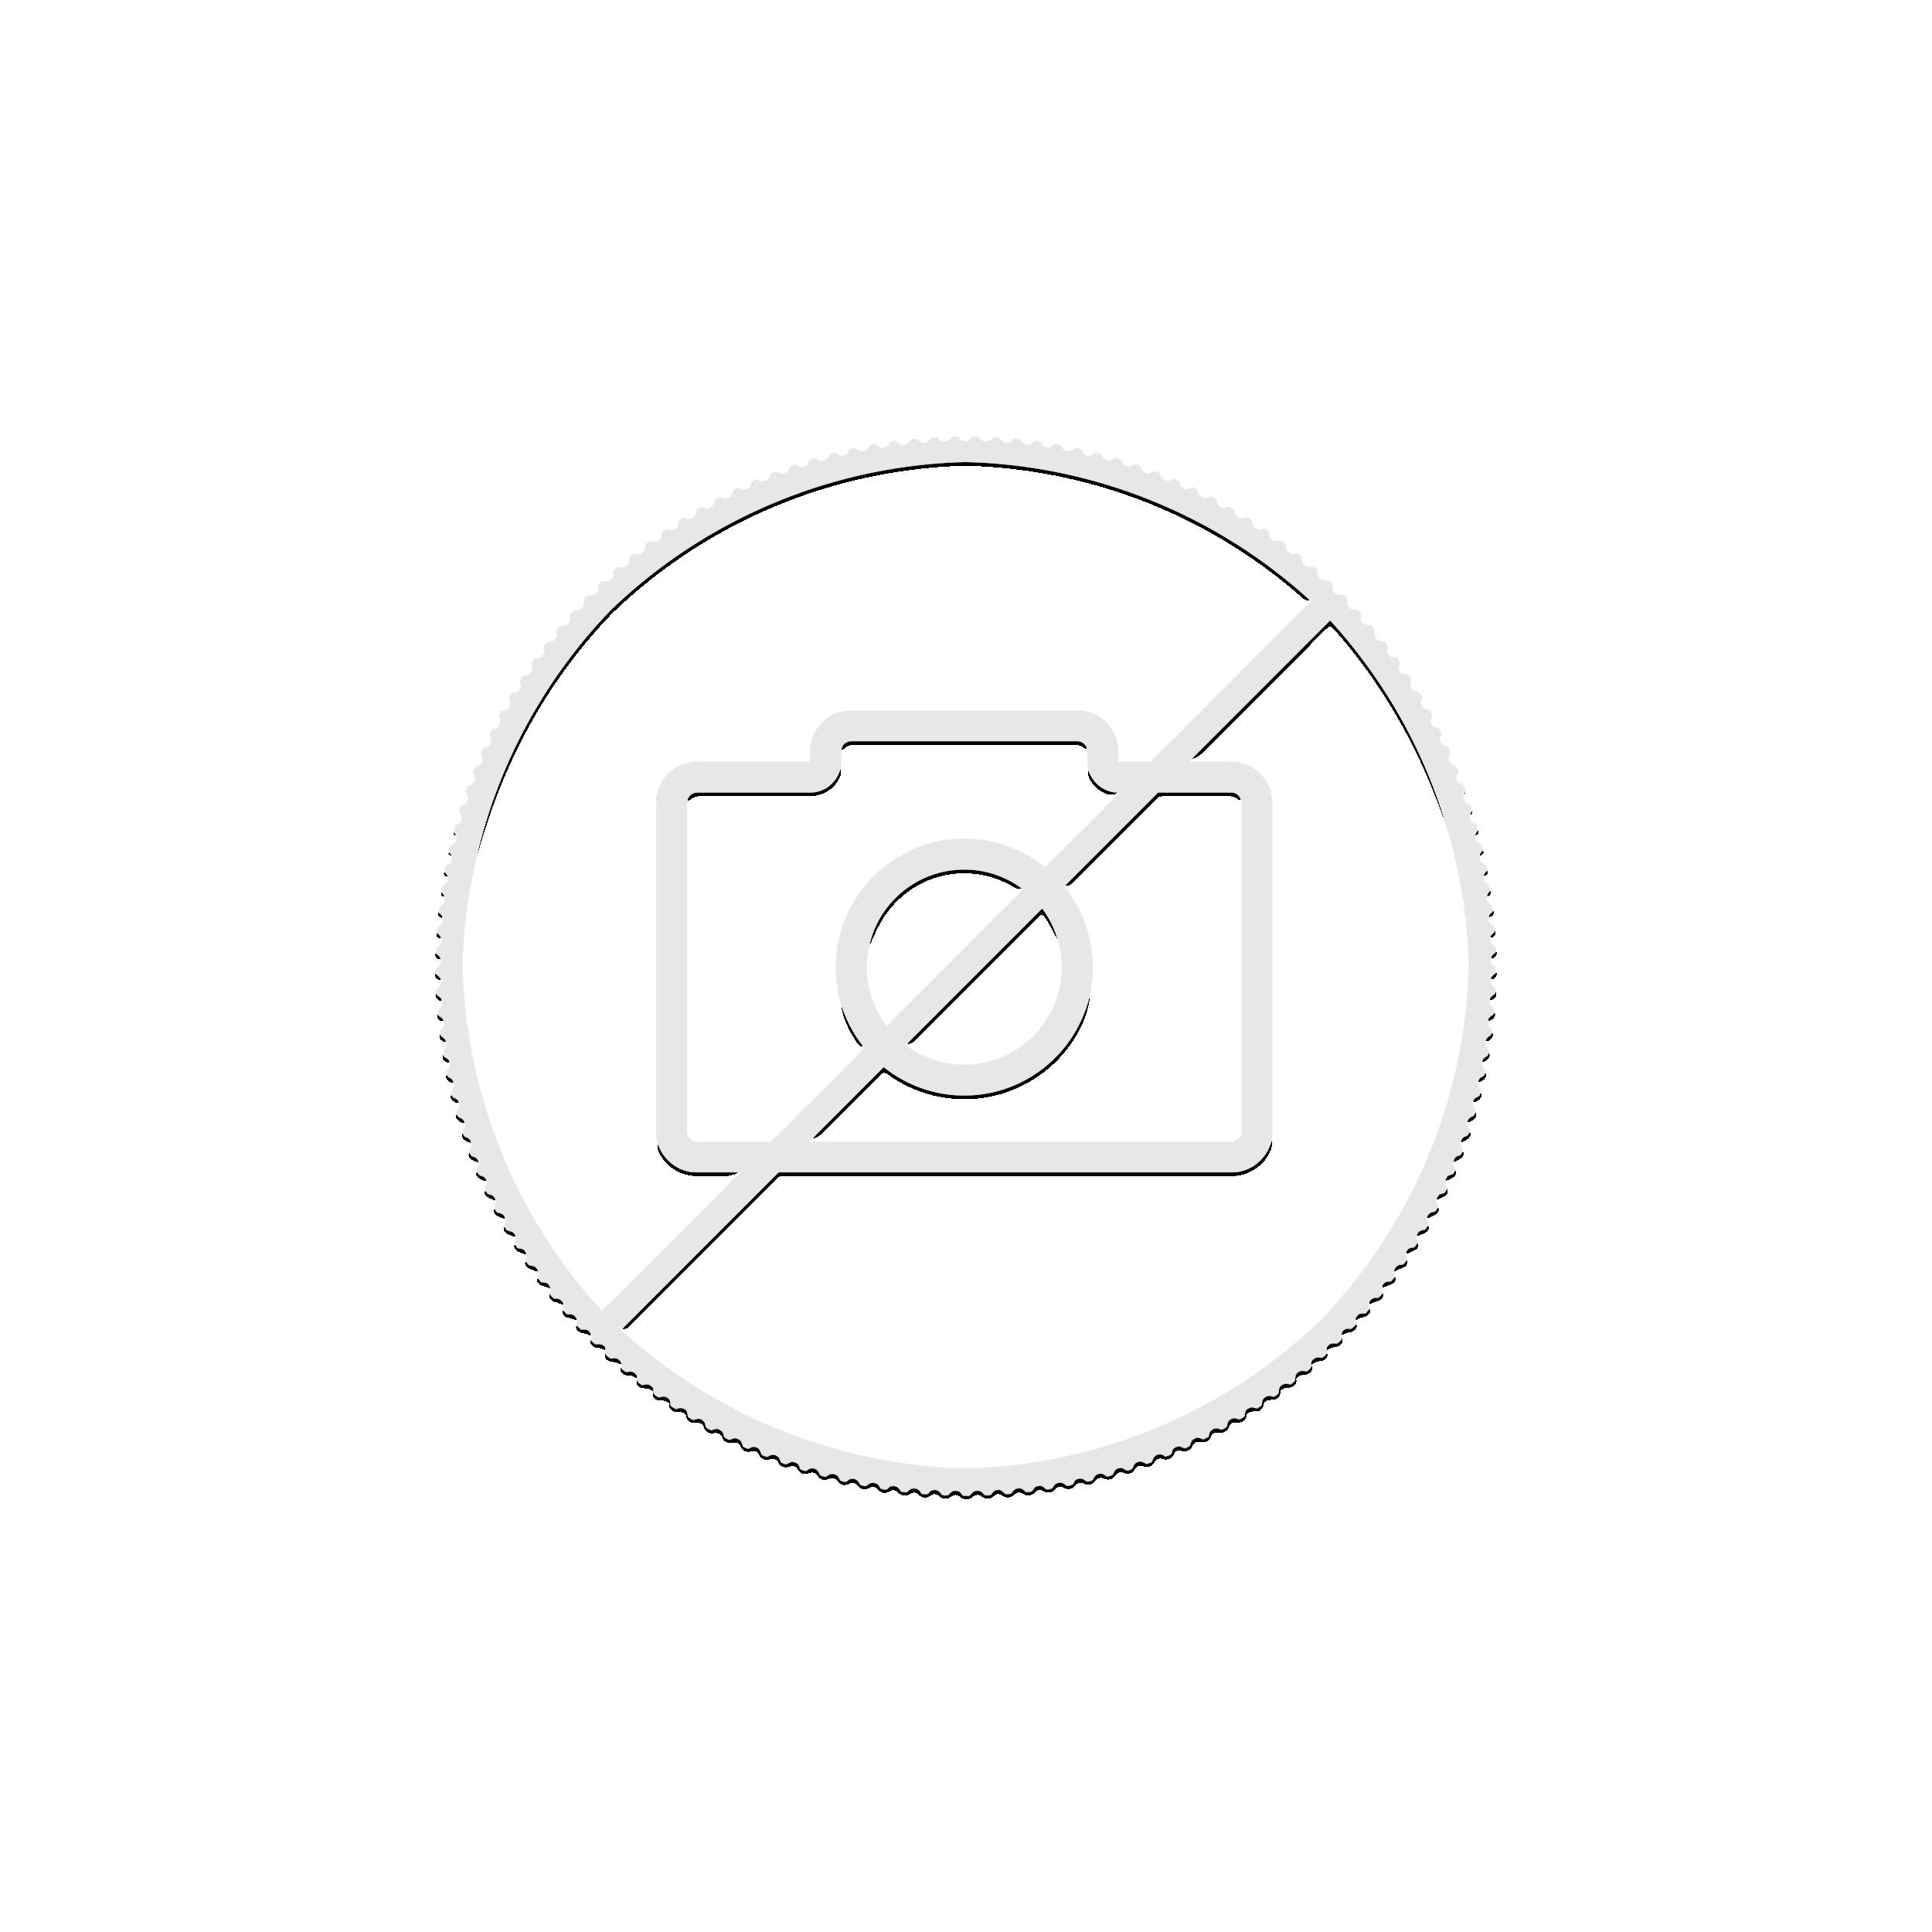 1/10 Troy ounce gold coin Lunar 2019